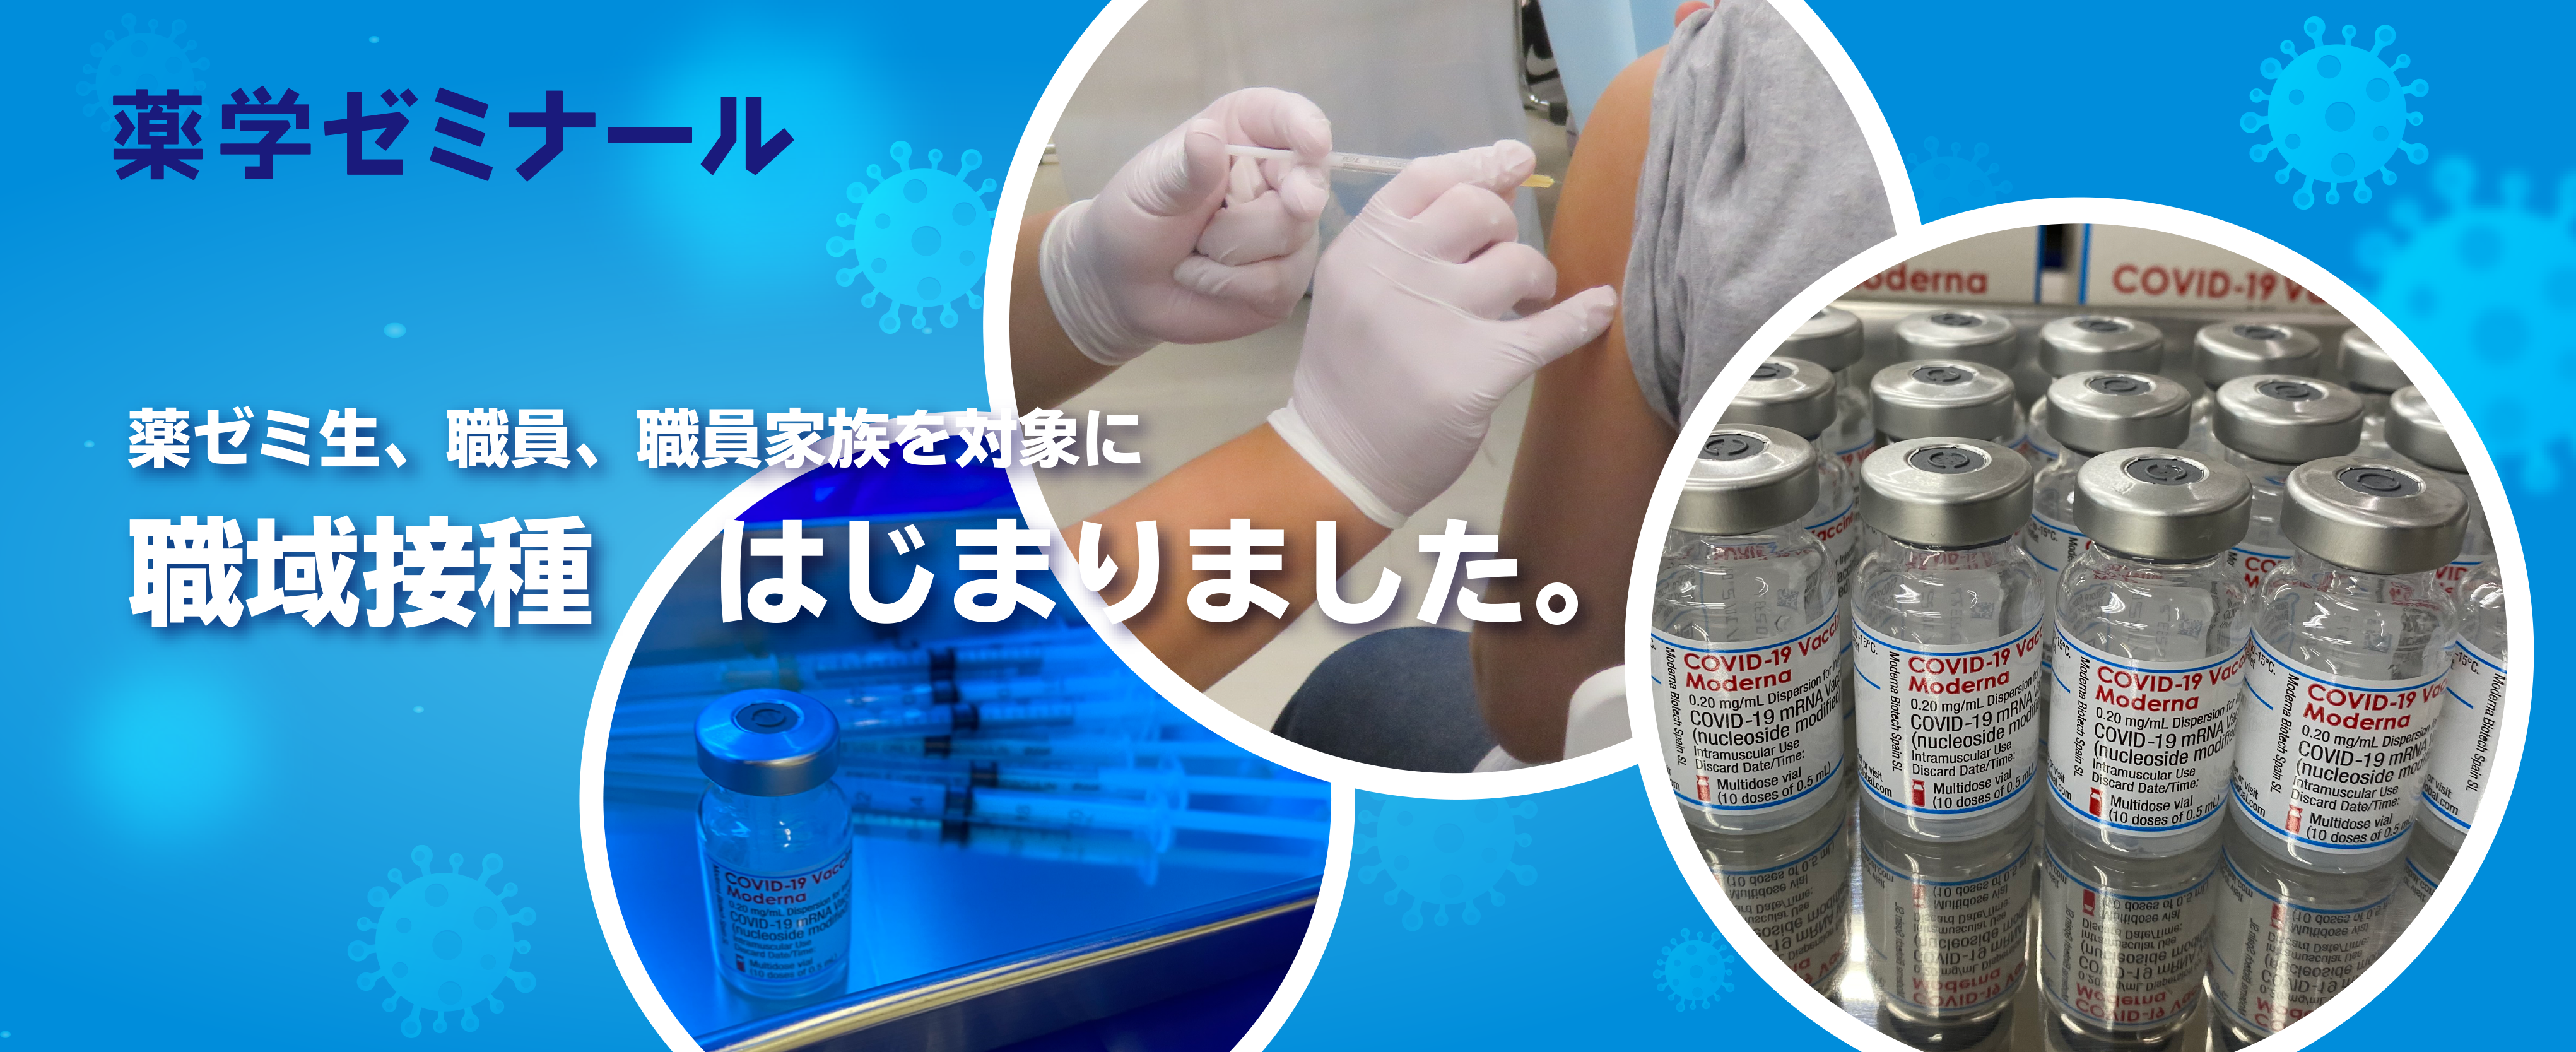 ワクチン職域接種